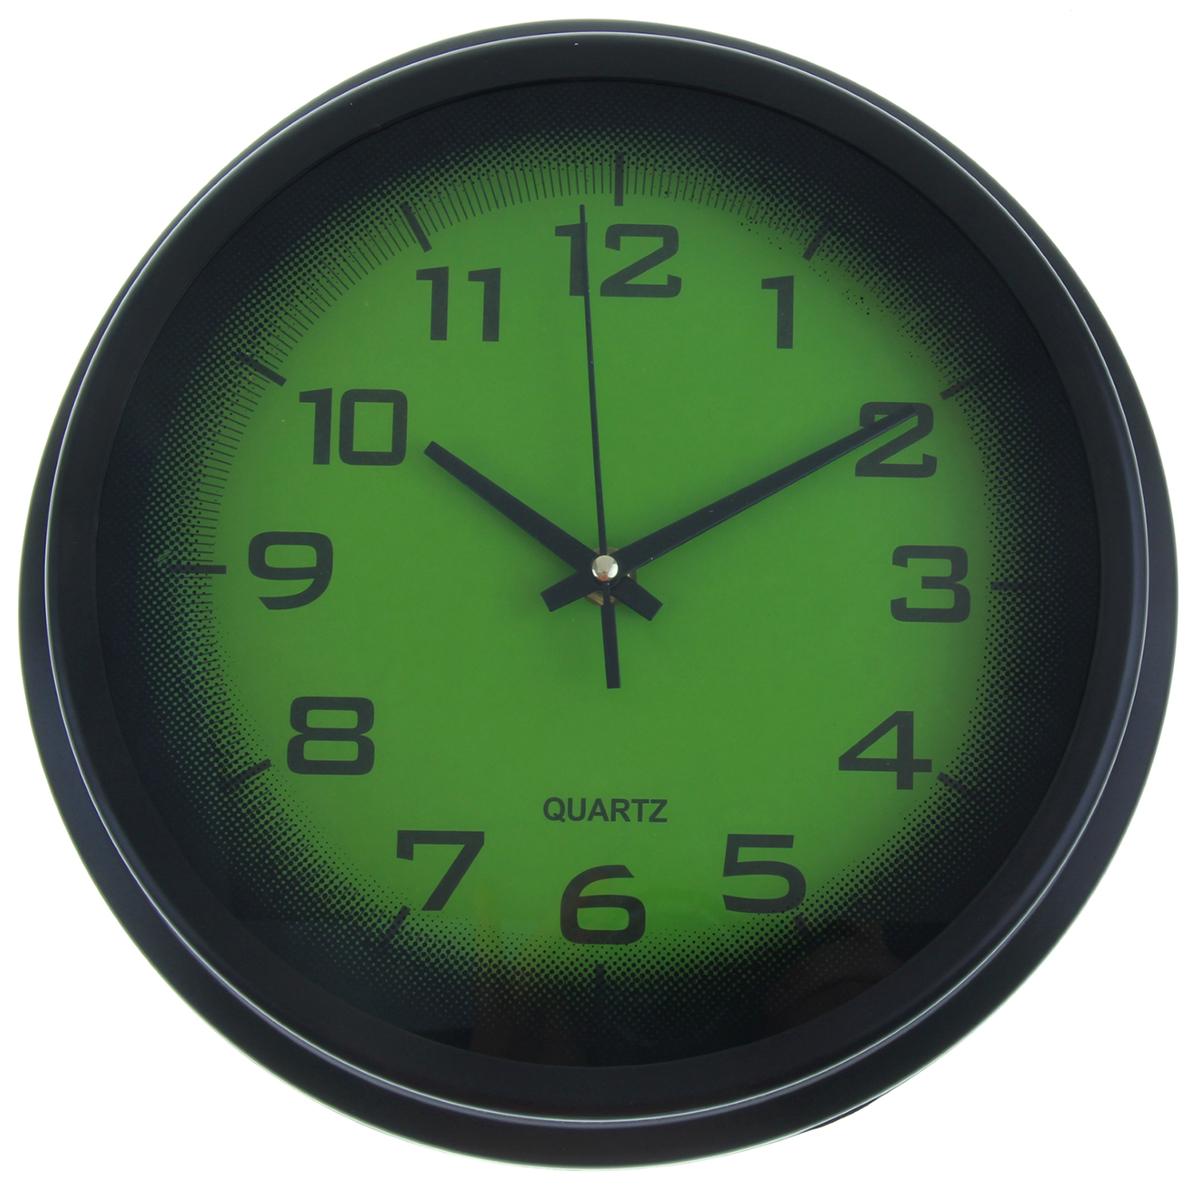 Часы настенные, цвет: черный, зеленый, диаметр 27,5 см1031020Каждому хозяину периодически приходит мысль обновить свою квартиру, сделать ремонт, перестановку или кардинально поменять внешний вид каждой комнаты. Часы настенные круглые Тени, d=27,5 см, циферблат зеленый, рама-багет черная — привлекательная деталь, которая поможет воплотить вашу интерьерную идею, создать неповторимую атмосферу в вашем доме. Окружите себя приятными мелочами, пусть они радуют глаз и дарят гармонию.Часы настенные круг, рама черная багет, циферблат зеленый d=27,5см 1031020